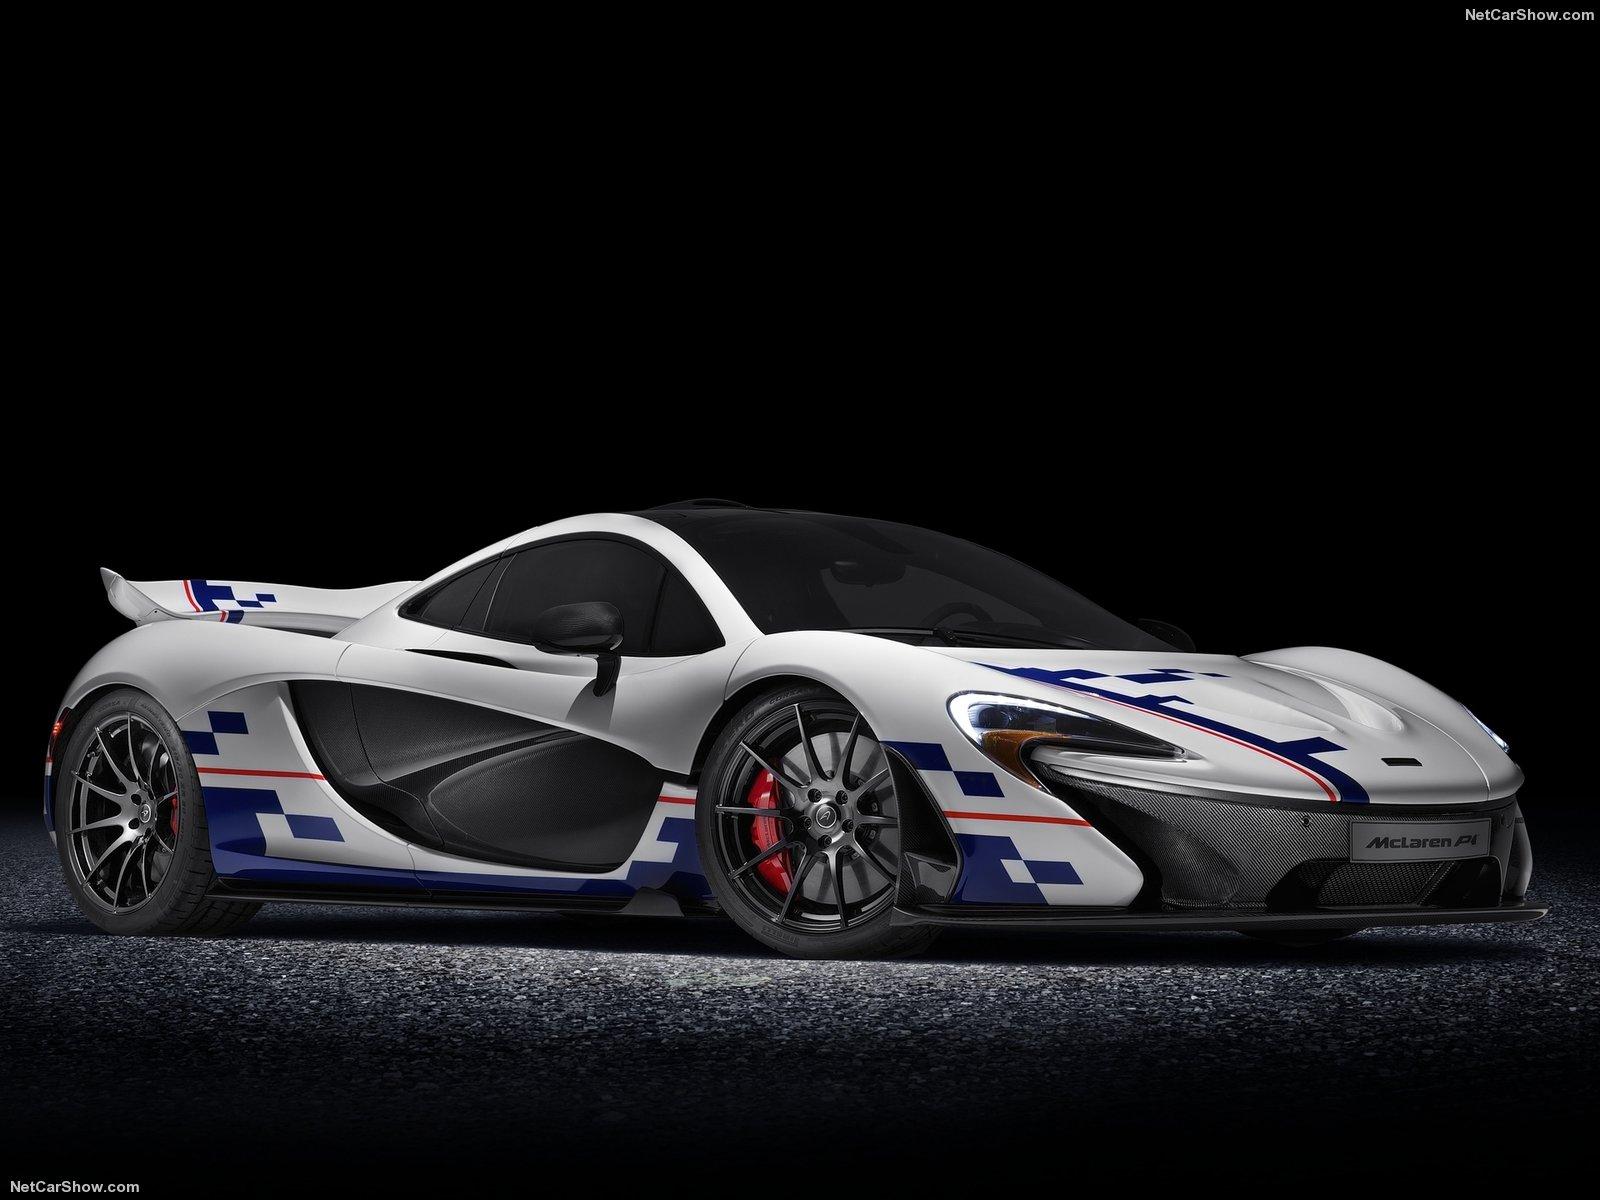 McLaren P1 2015 - Sports Car